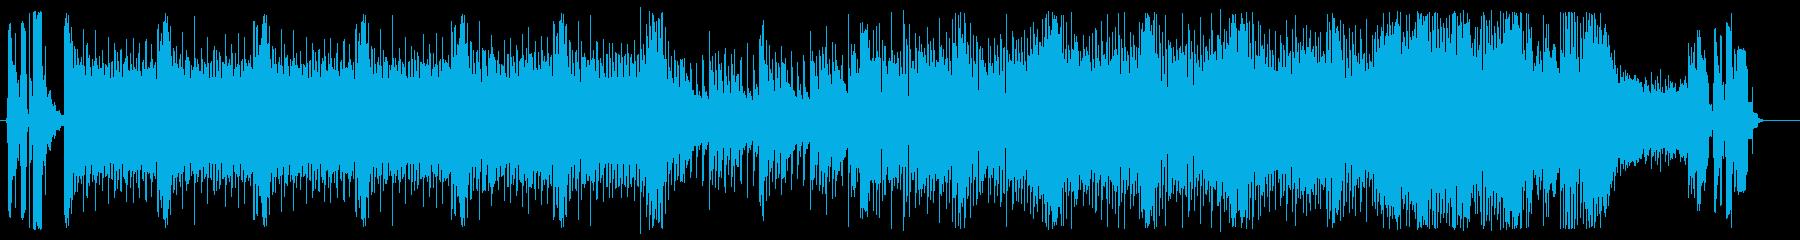 ボーナスタイム!疾走感のギラギラサウンドの再生済みの波形